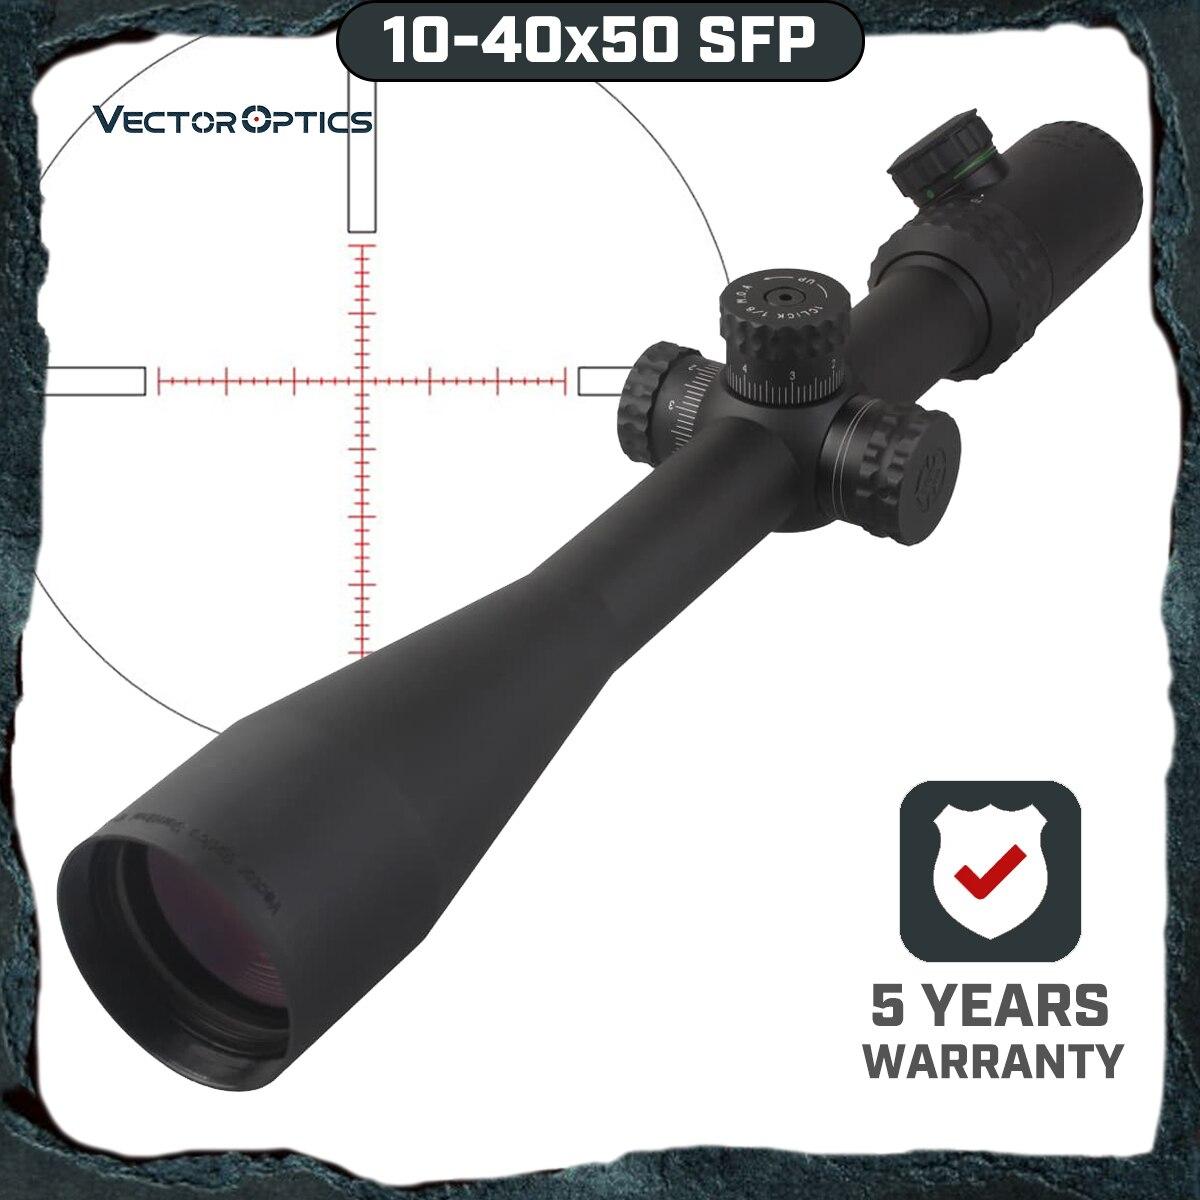 וקטור אופטיקה Gen 2 סנטינל 10-40x50 ירי צלף Riflescope היקף עם מואר MP Reticle עבור יקר Sight ציד